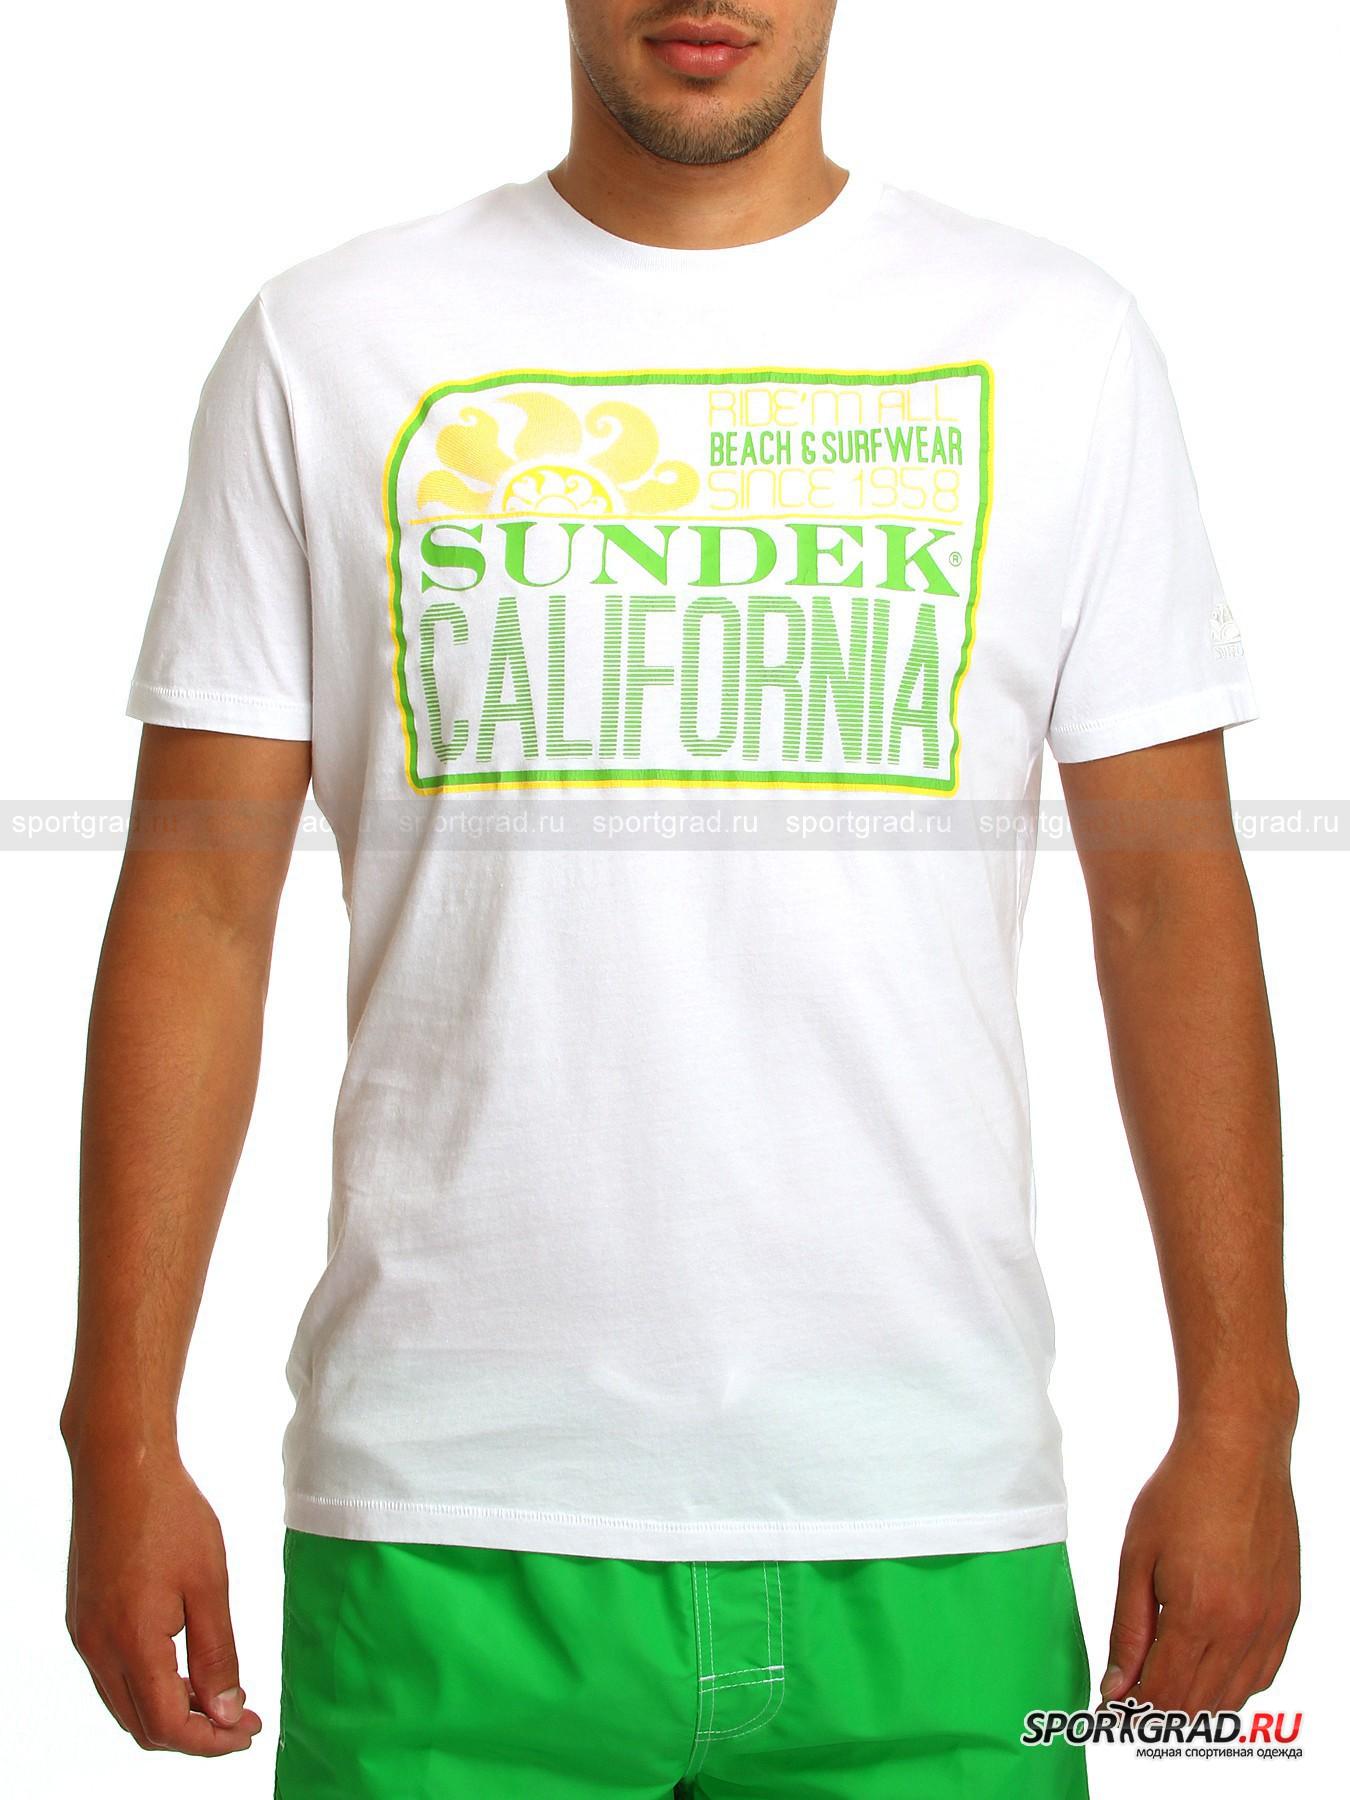 Футболка мужская  SUNDEKФутболки<br>Мужская футболка SUNDEK с цветным солнечным принтом на груди украсит собой Ваши будни и выходные, а также приятно порадует своим комфортом и удобством: дышащая воздухопроводимая и гигроскопичная ткань, полуприлегающий покрой понравятся даже людям с повышенностью чувствительностью кожи. <br><br>Футболка имеет округлый вырез горловины и короткие втачные рукава, один из которых украшен небольшим вышитым логотипом в тон. <br><br>Длина изделия сзади по центру от горловины до низа 74 см, ширина в груди 51 см, длина рукава по нижнему шву 8 см (размер L).<br><br>Пол: Мужской<br>Возраст: Взрослый<br>Тип: Футболки<br>Рекомендации по уходу: Рекомендуется стирка в прохладной воде. Глажка при средней температуре, допускается деликатный отжим в центрифуге.  Изделие нельзя отбеливать и подвергать химчистке.<br>Состав: 100% хлопок